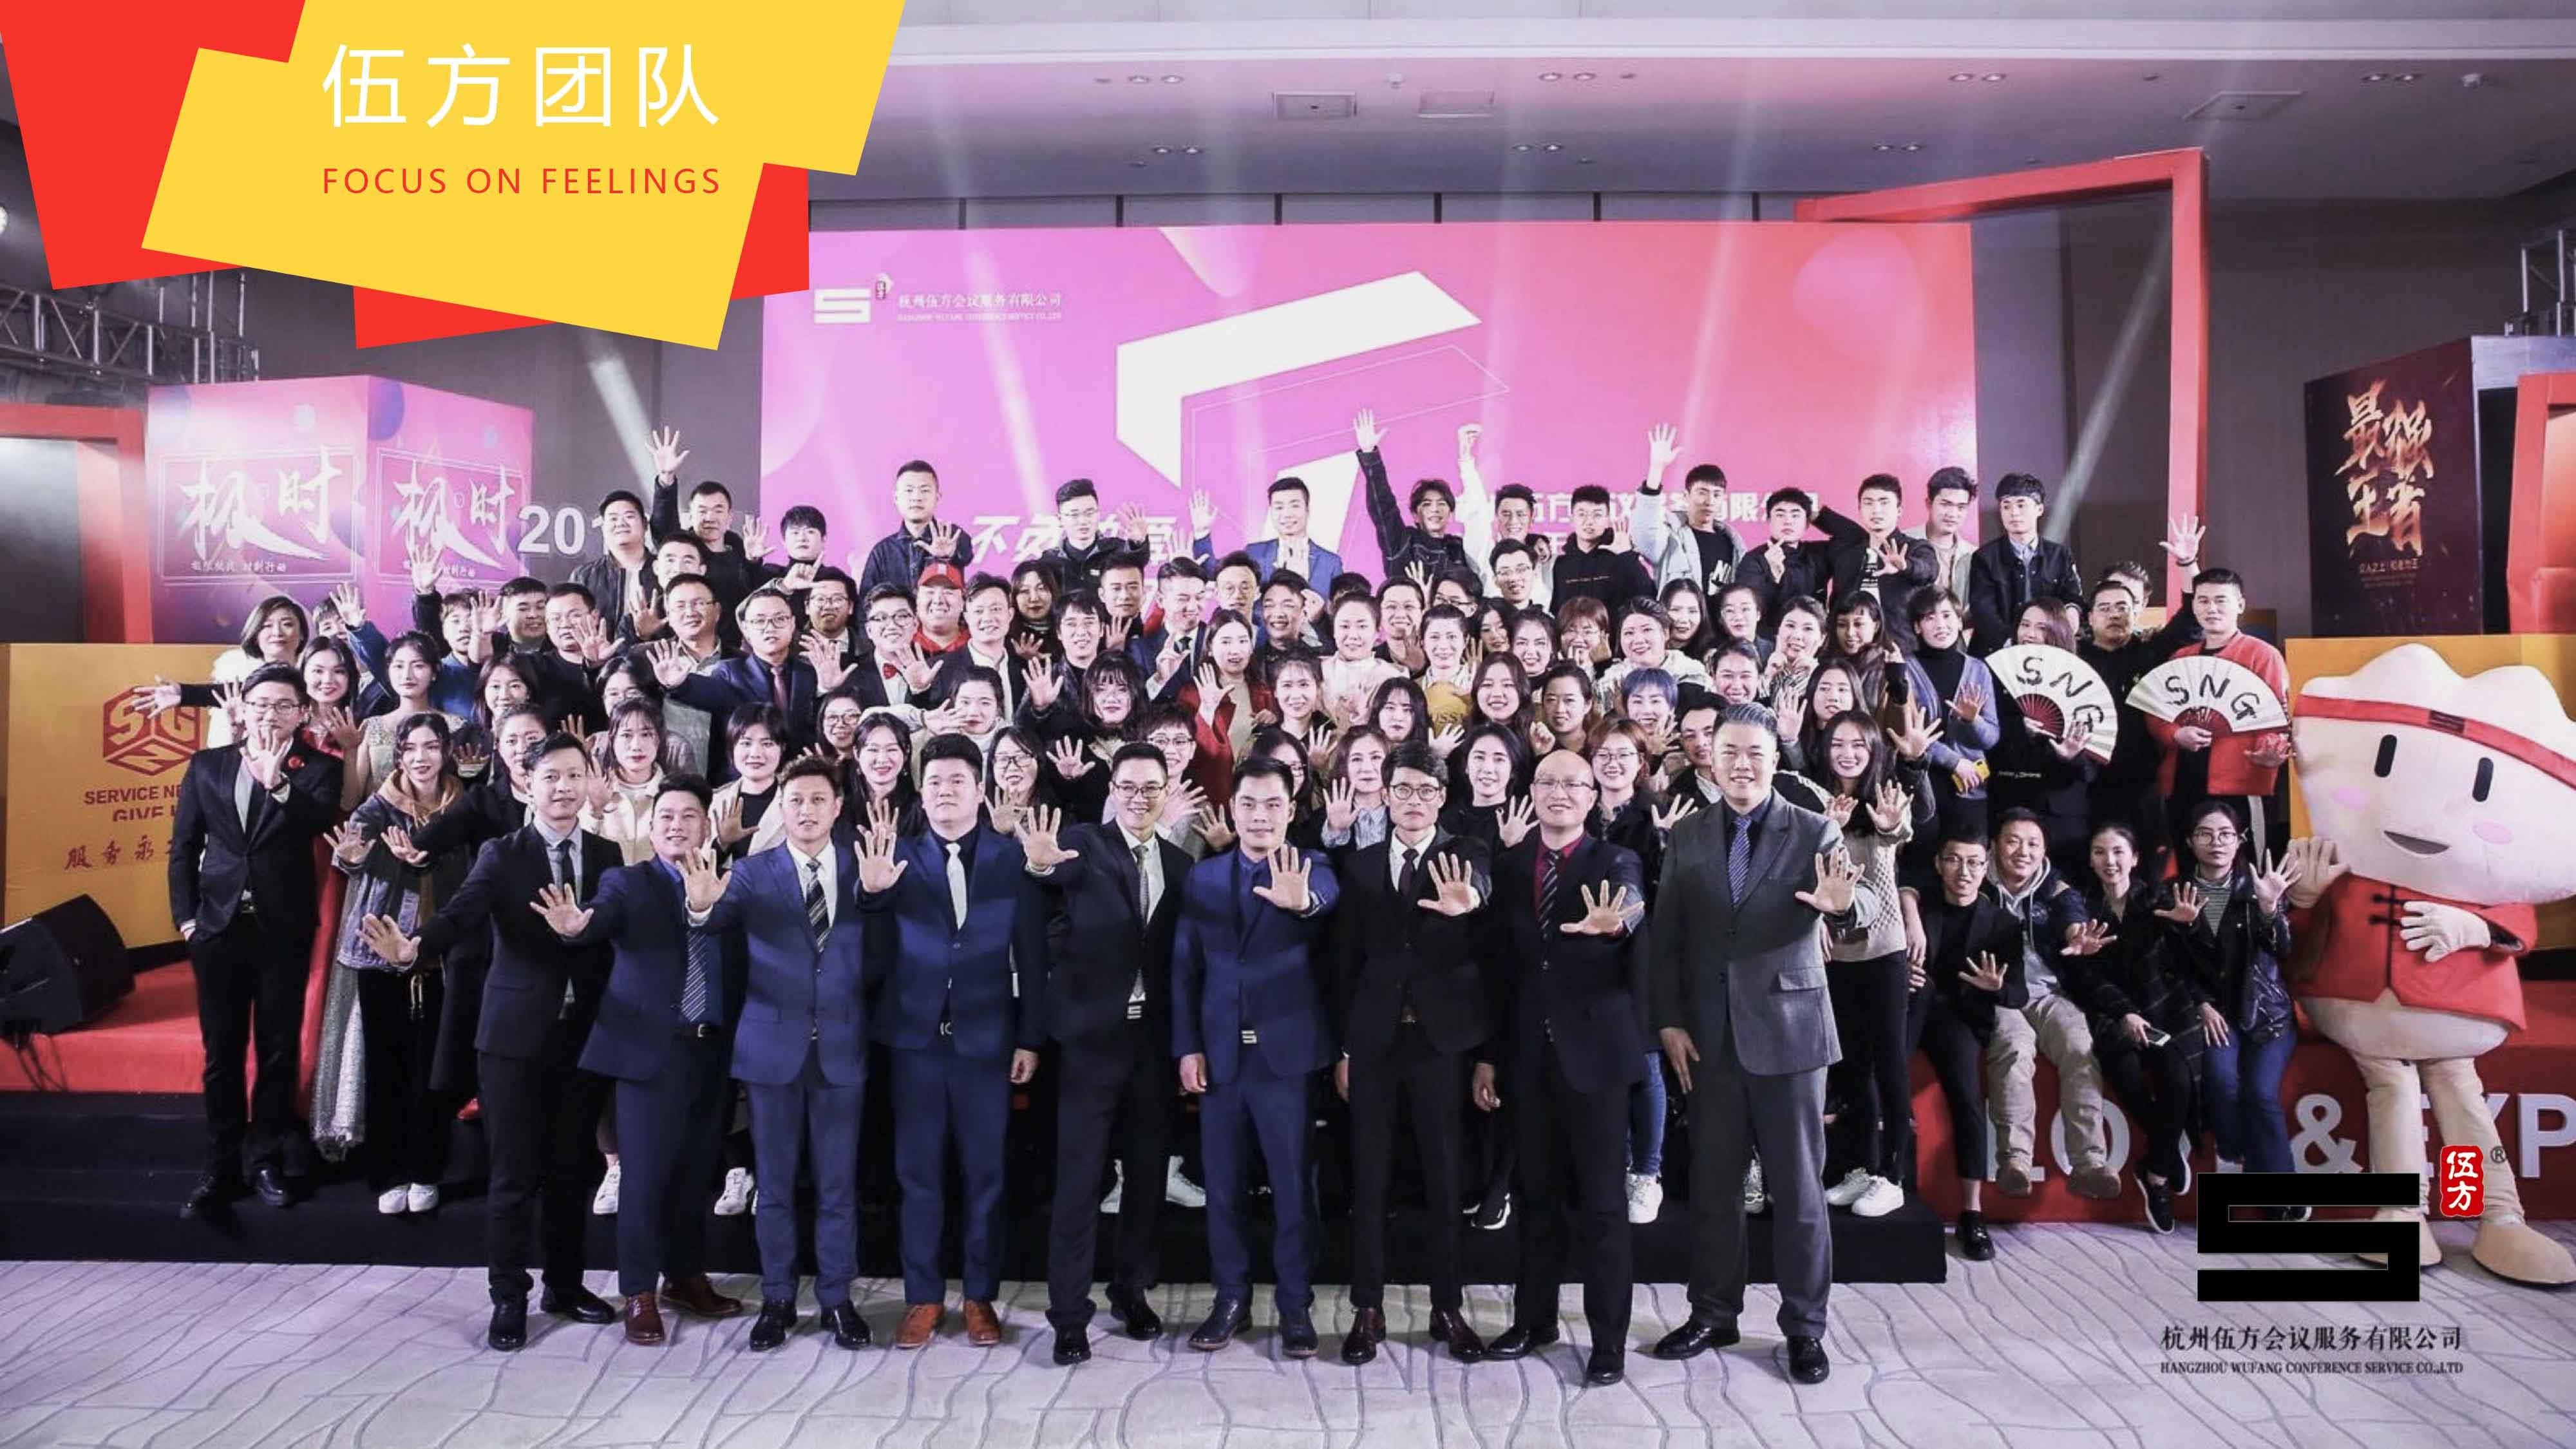 杭州伍方会议服务有限公司团队风采